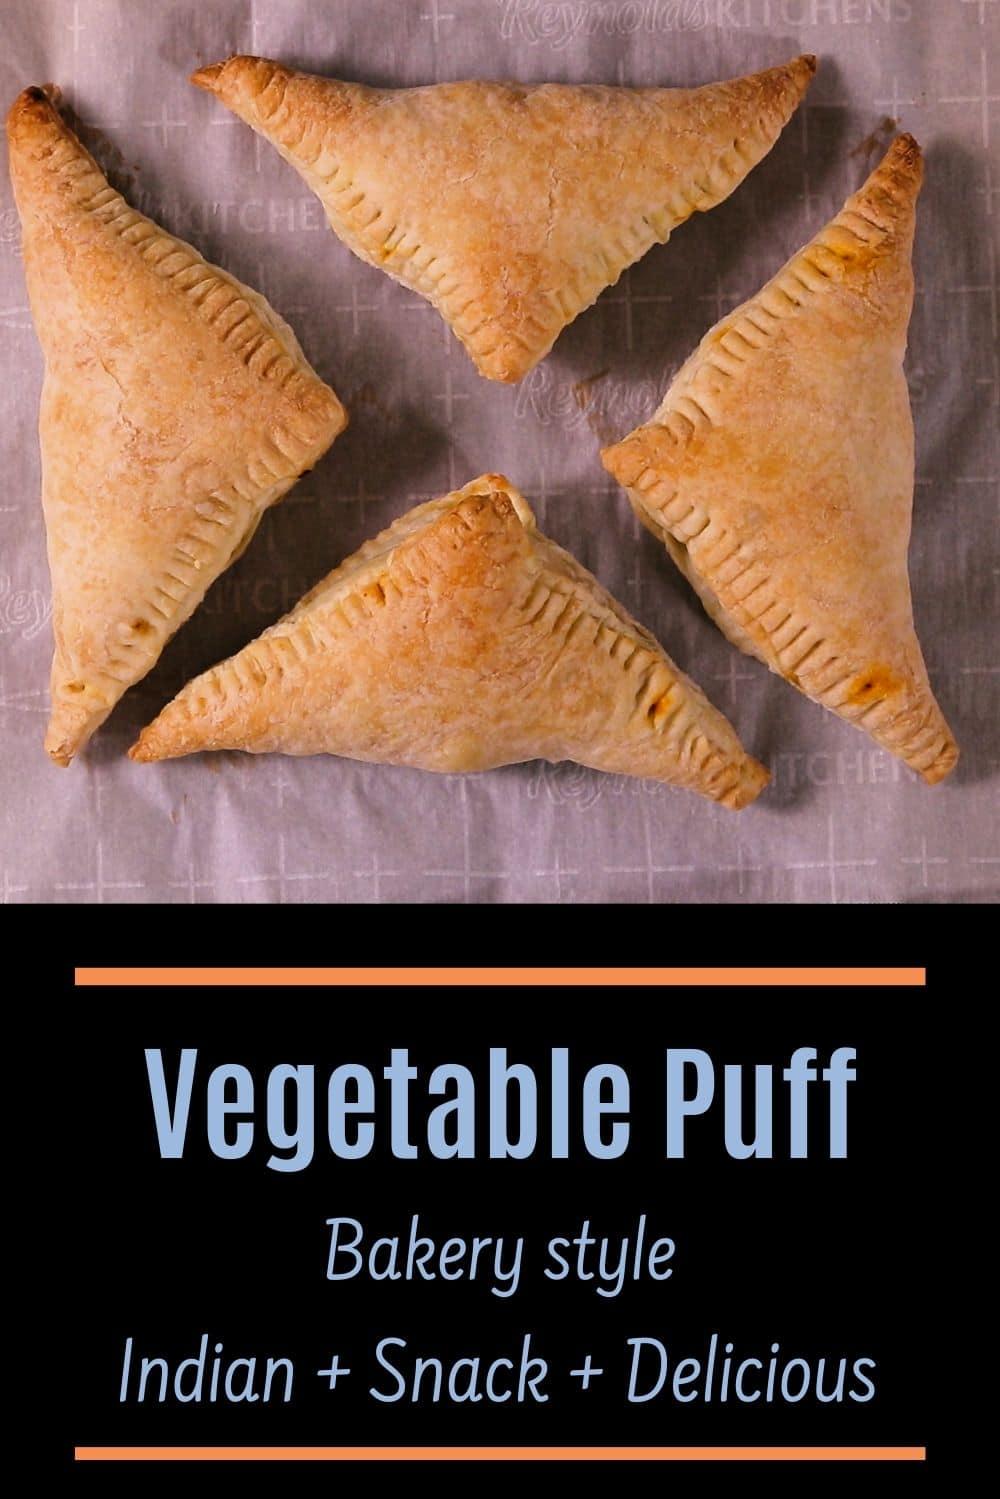 veg puff pin